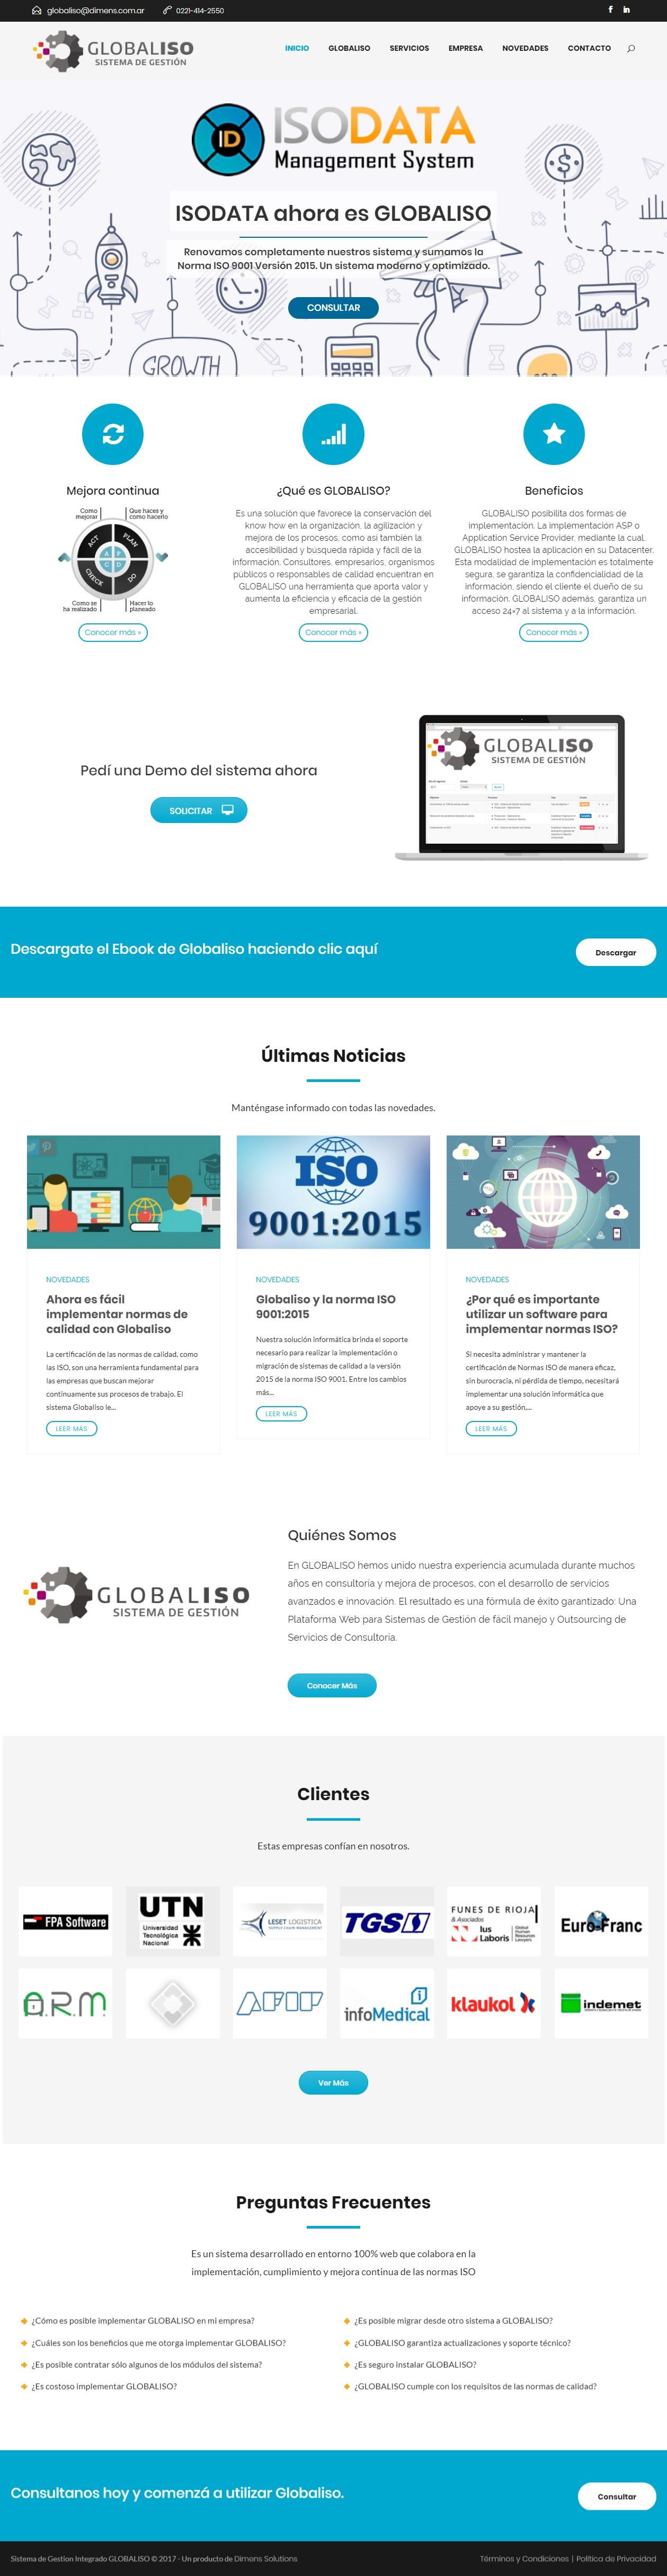 Globaliso1